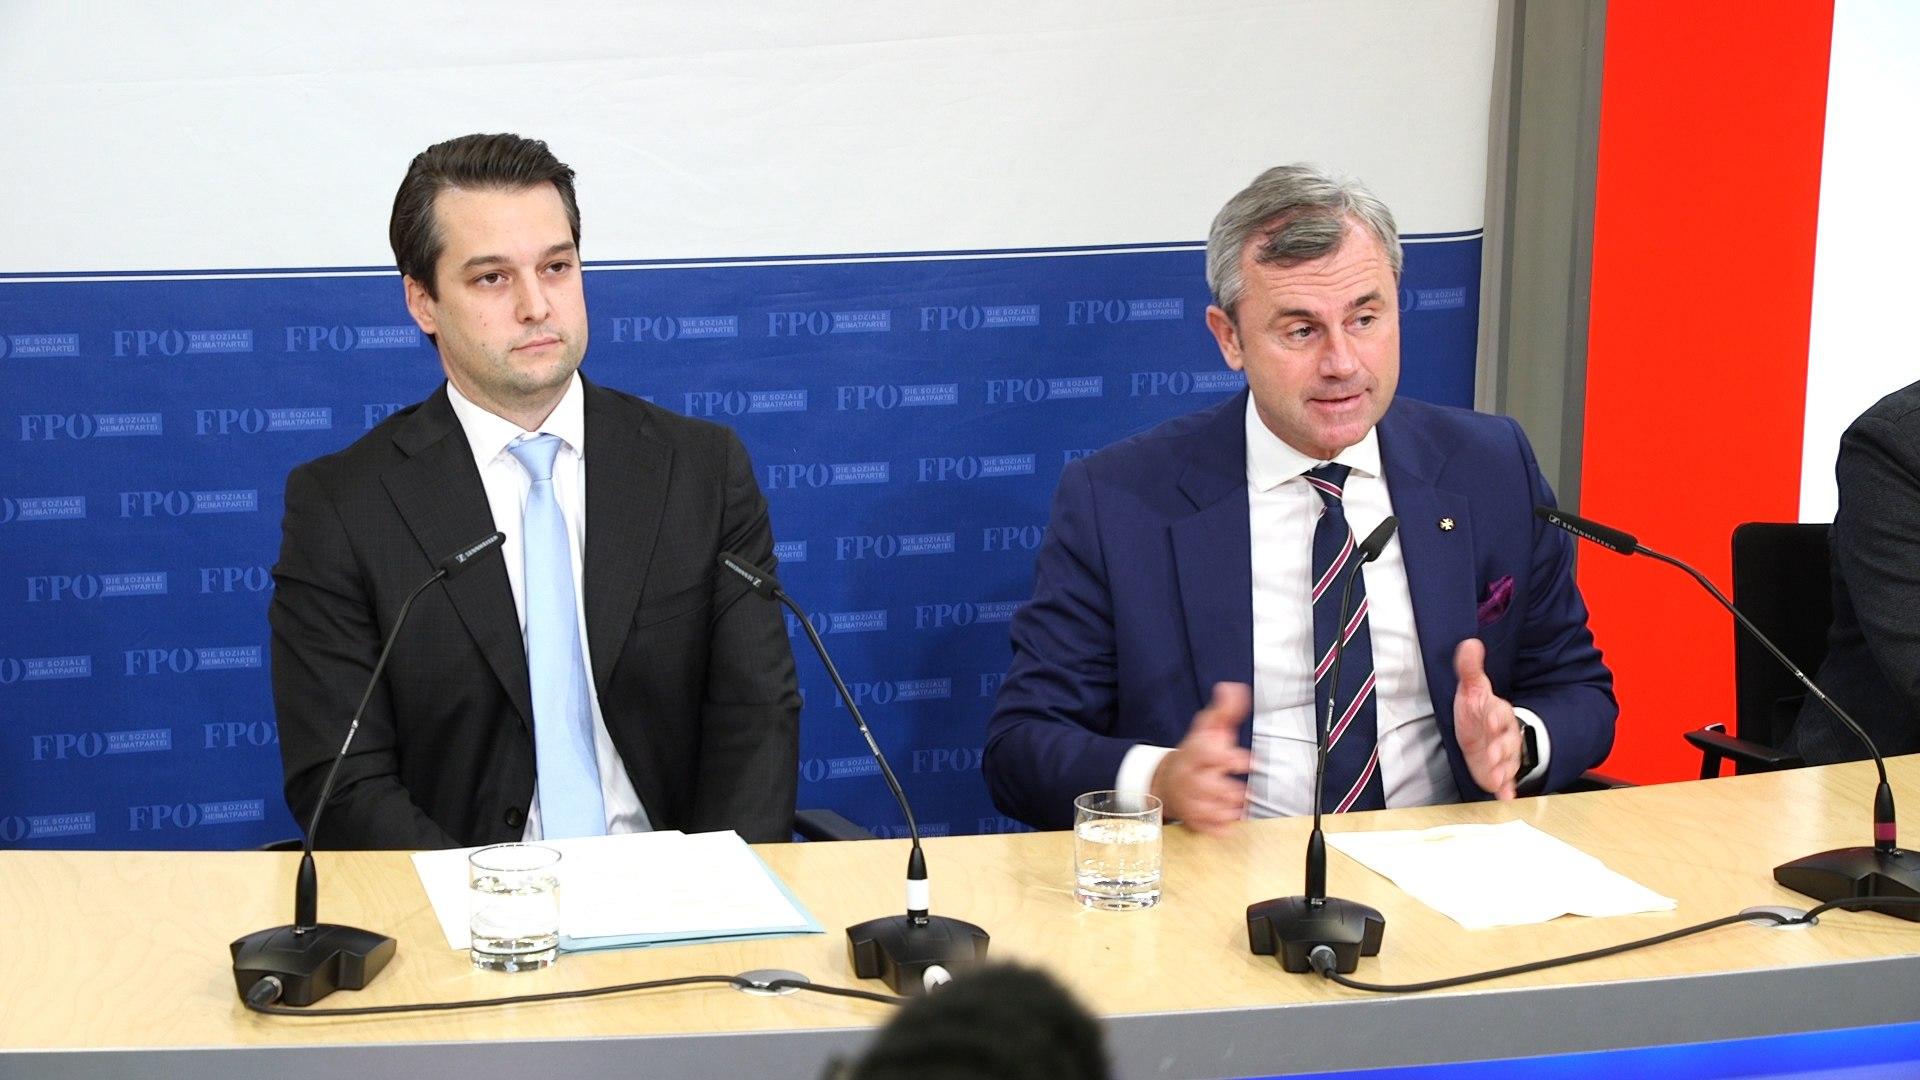 Strache-Ausschluss aus der FPÖ: Die Pressekonferenz im Video